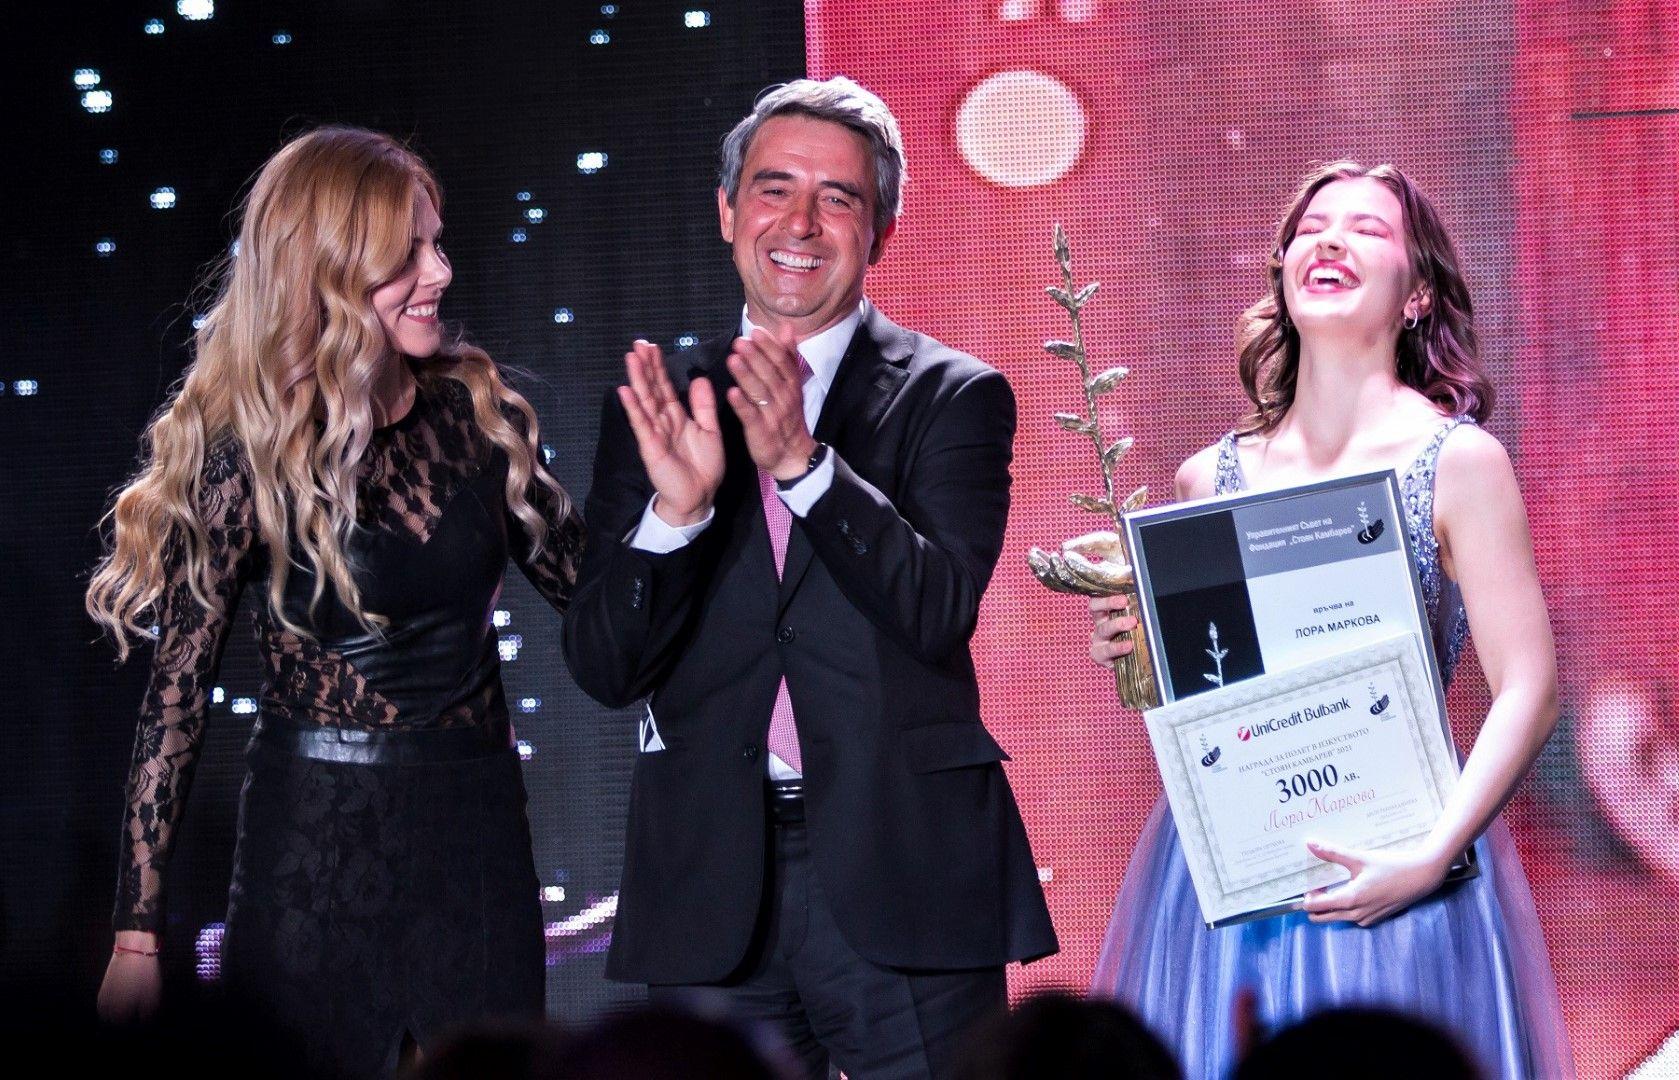 """Президентът Росен Плевнелиев и съпругата му Деси Банова връчиха Наградата за полет в Изкуството """"Стоян Камбарев"""" 2021 на 17-годишната цигуларка Лора Маркова"""